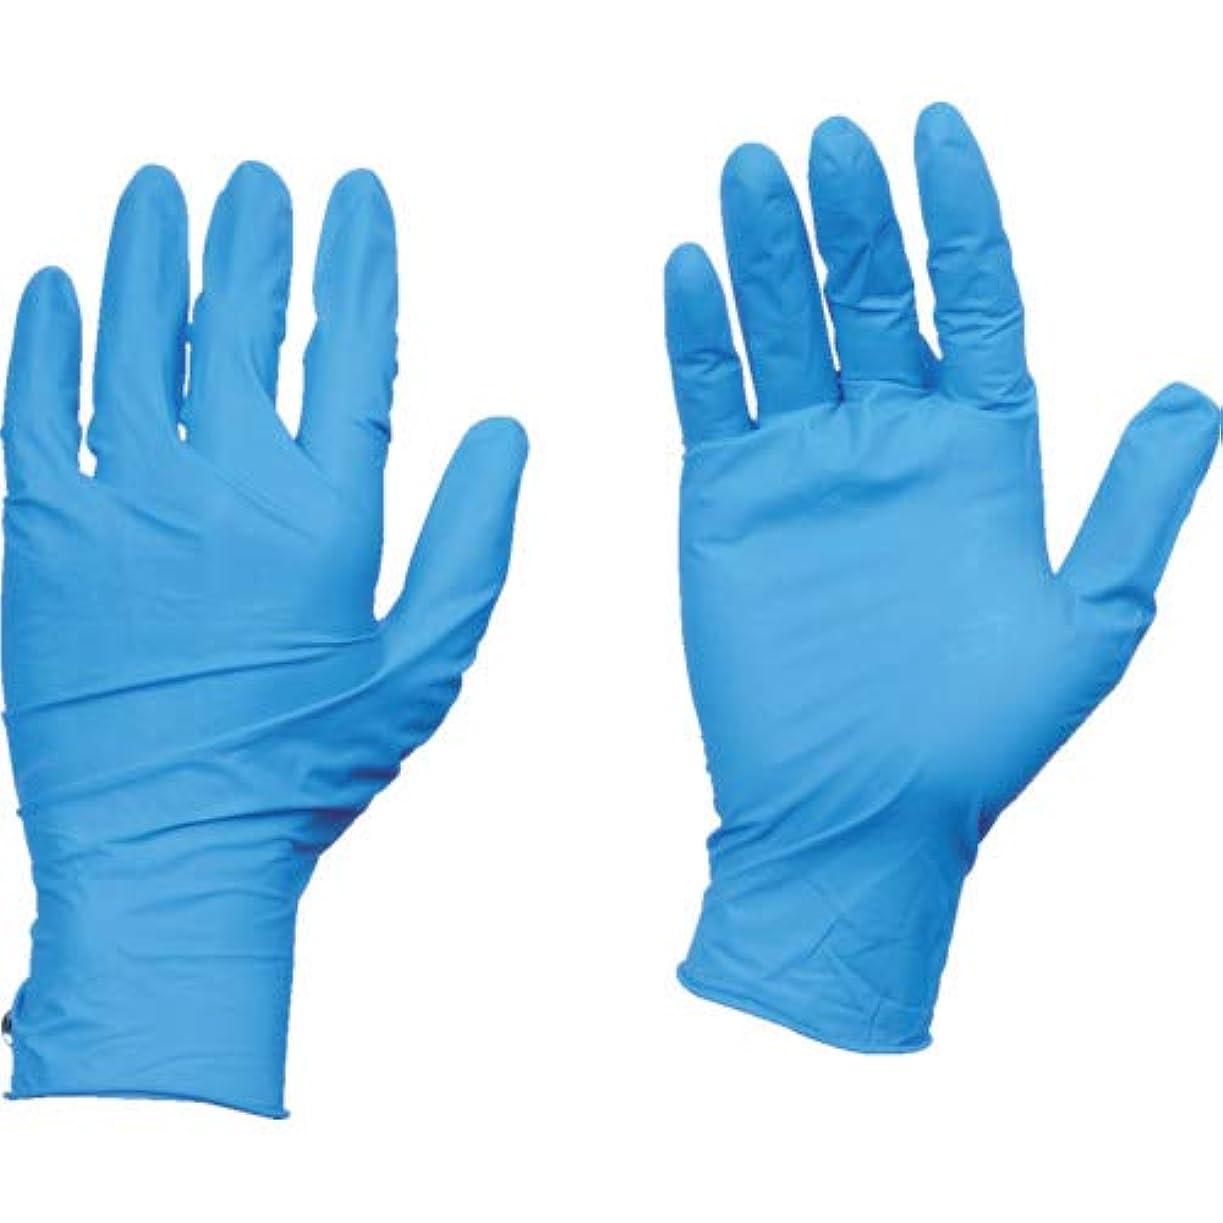 望ましいコードうんざりTRUSCO(トラスコ) 10箱入り 使い捨て天然ゴム手袋TGワーク 0.10 粉付青L TGPL10BL10C